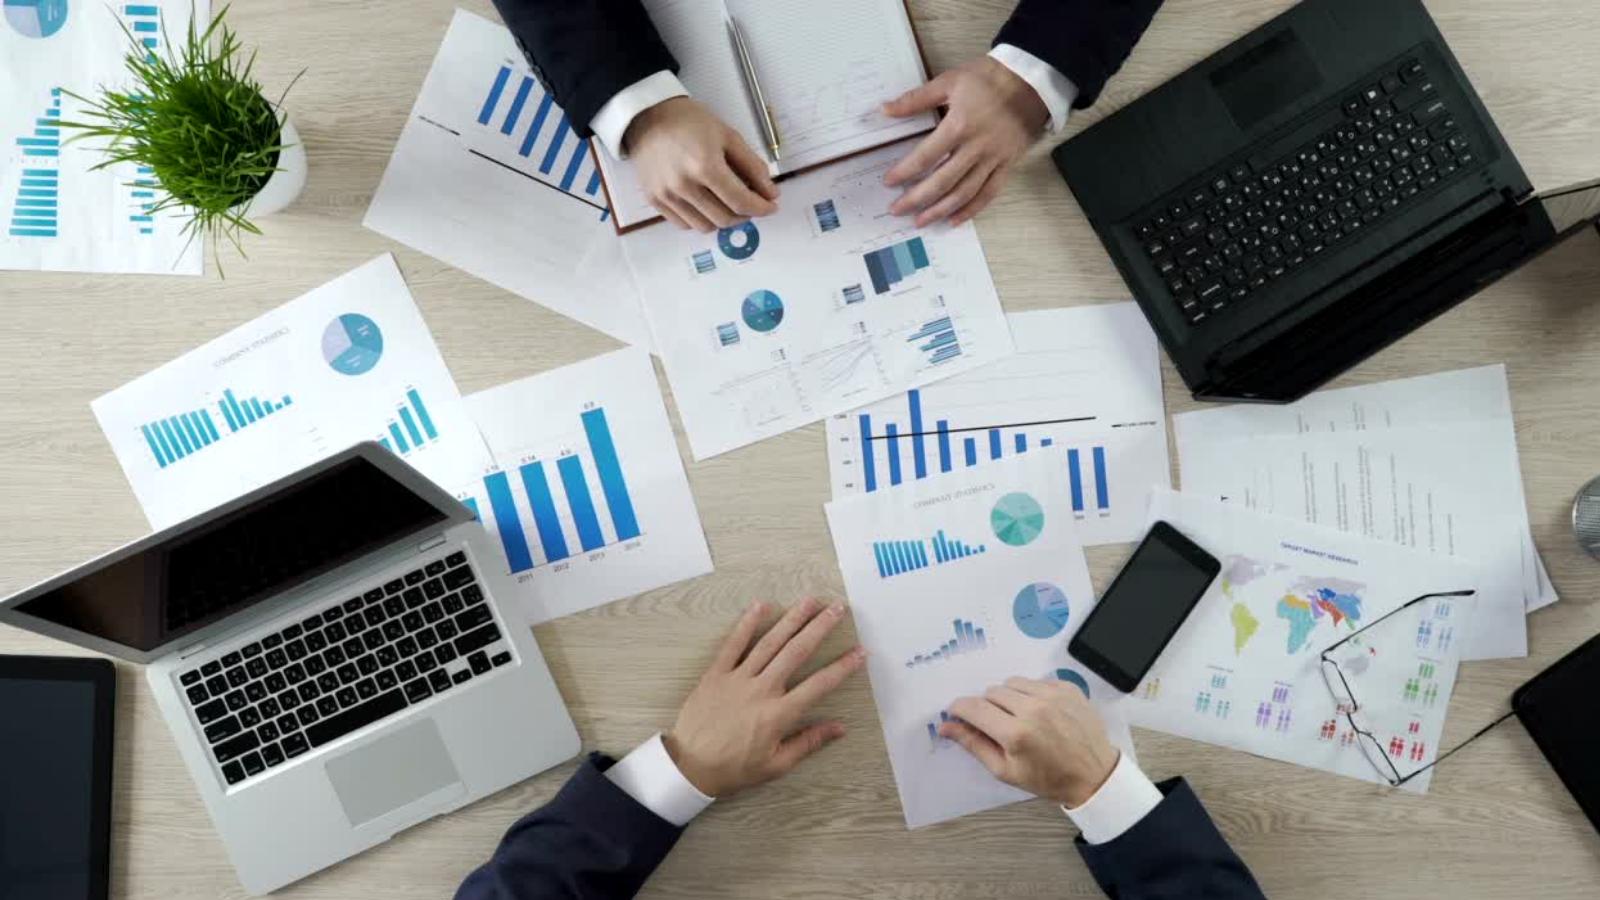 Cómo usar análisis proactivos para impulsar una mejor toma de decisiones